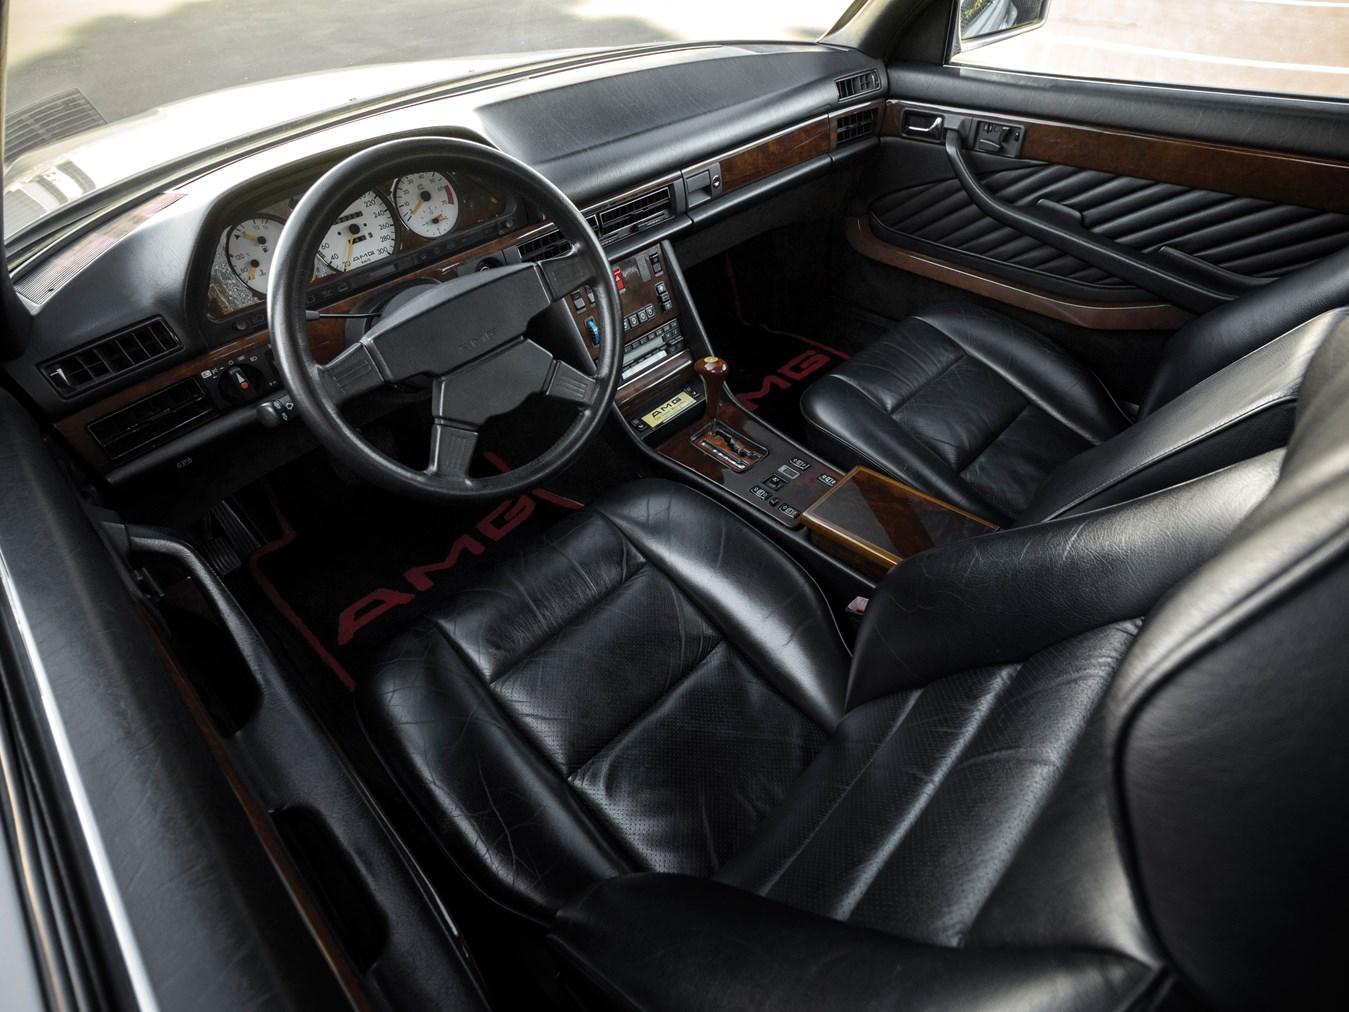 rm sotheby 39 s r188 1989 mercedes benz 560 sec 6 0 amg 39 wide body 39. Black Bedroom Furniture Sets. Home Design Ideas